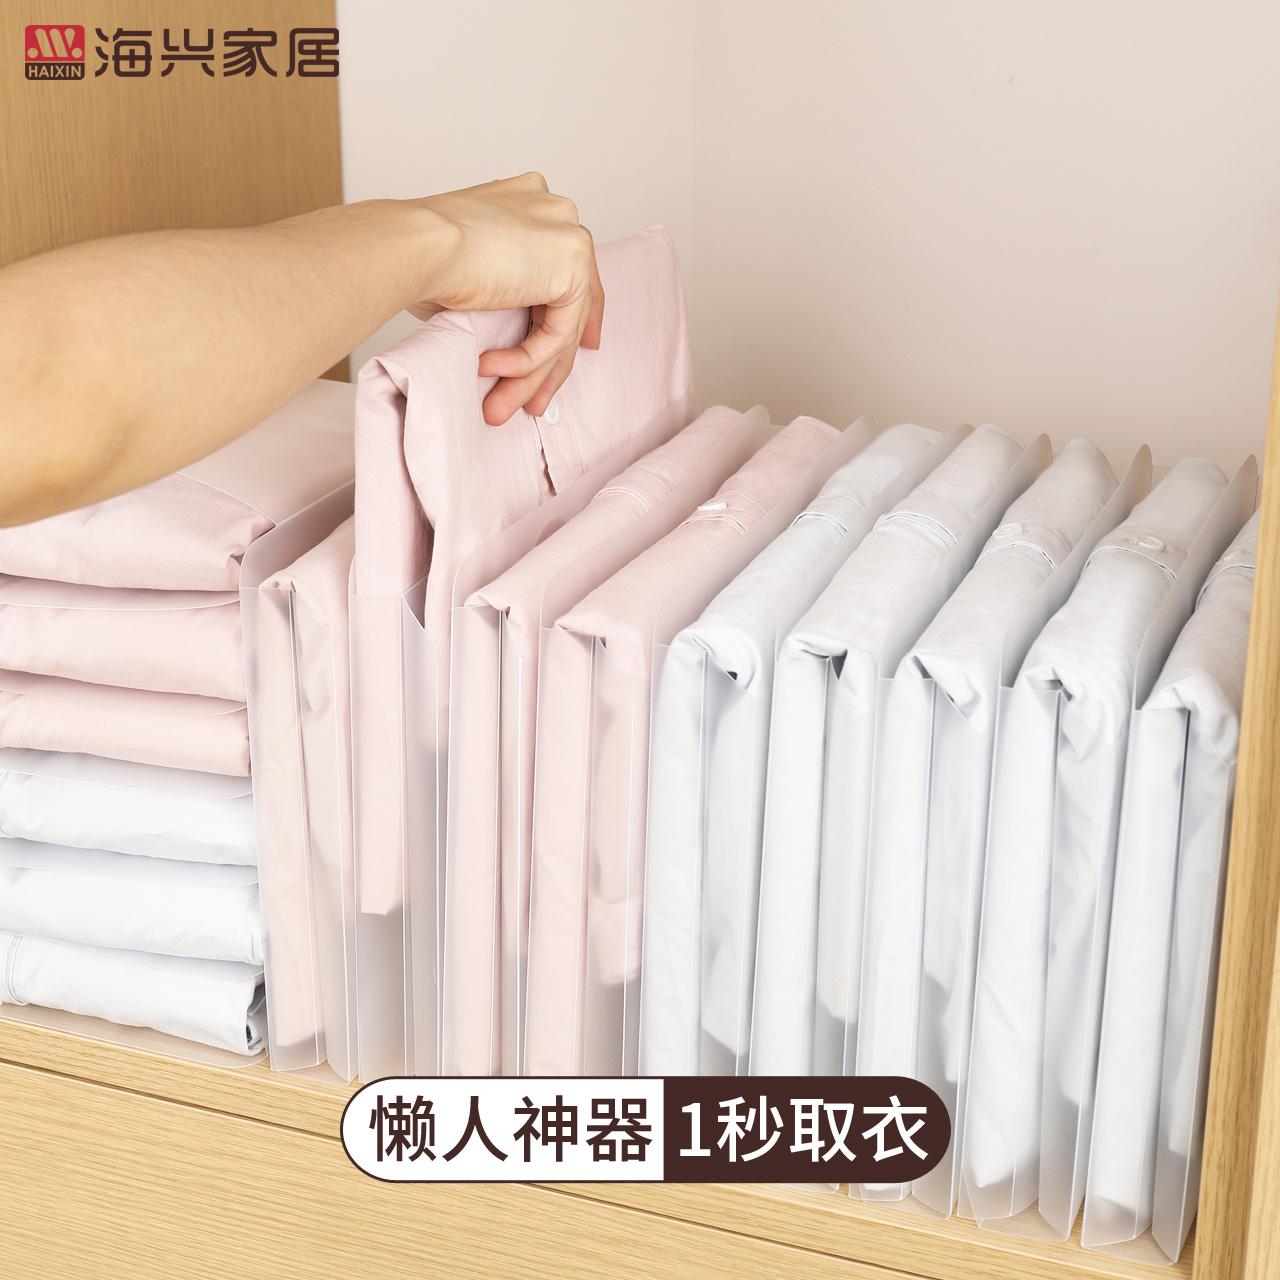 海兴叠衣板 懒人叠衣神器t恤衬衫衣服折叠家用衣柜收纳整理折衣板